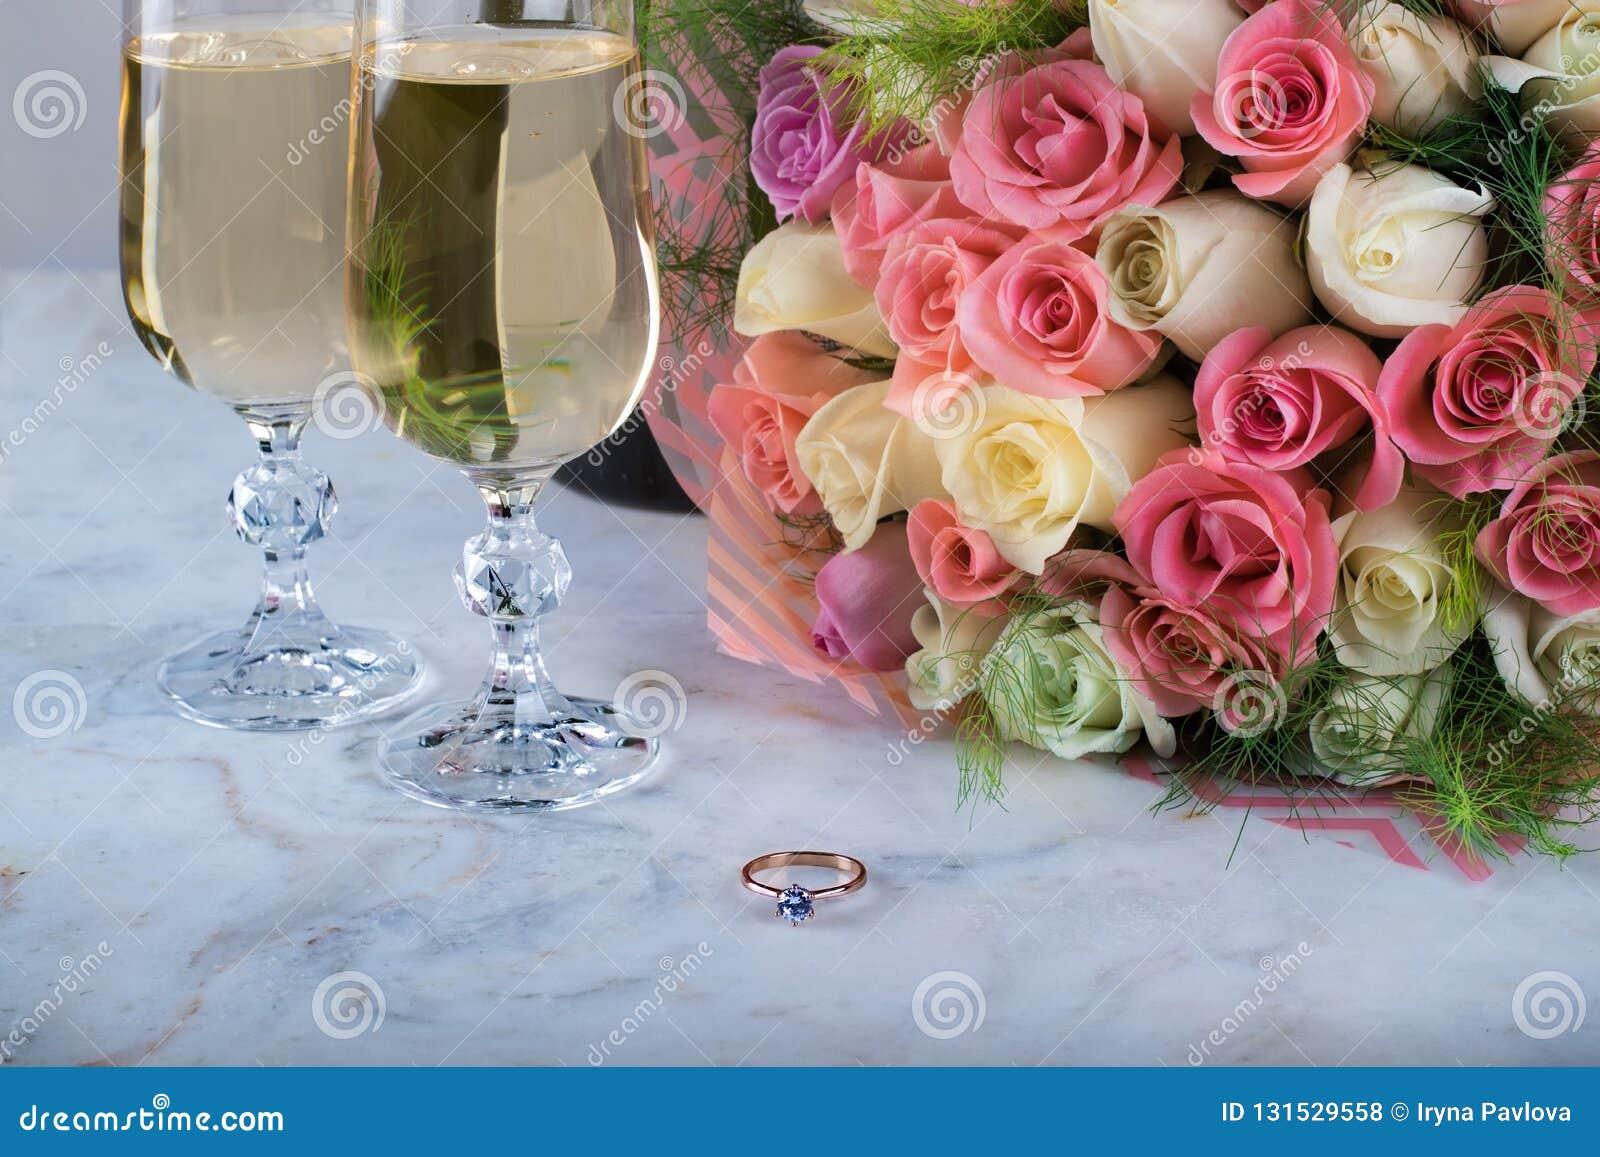 Μια όμορφη νυφική ανθοδέσμη των λεπτών τριαντάφυλλων, ένα δαχτυλίδι με ένα διαμάντι, δύο ποτήρια της σαμπάνιας σε έναν μαρμάρινο